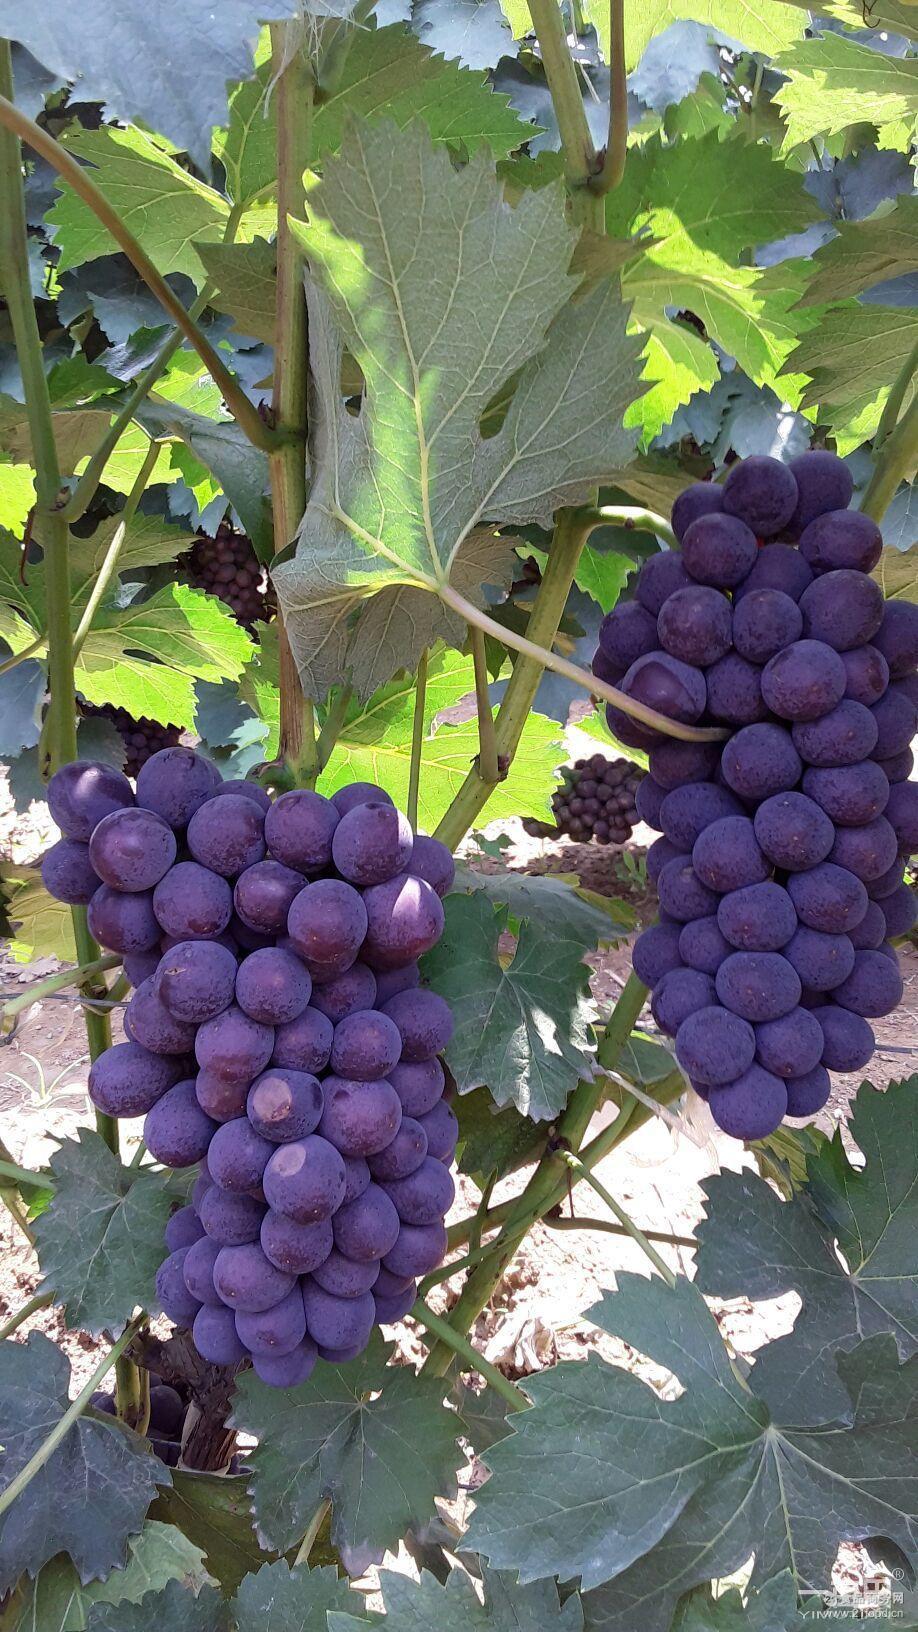 欢迎咨询问价采购。 其他品种也即将上市 京亚葡萄大量上市